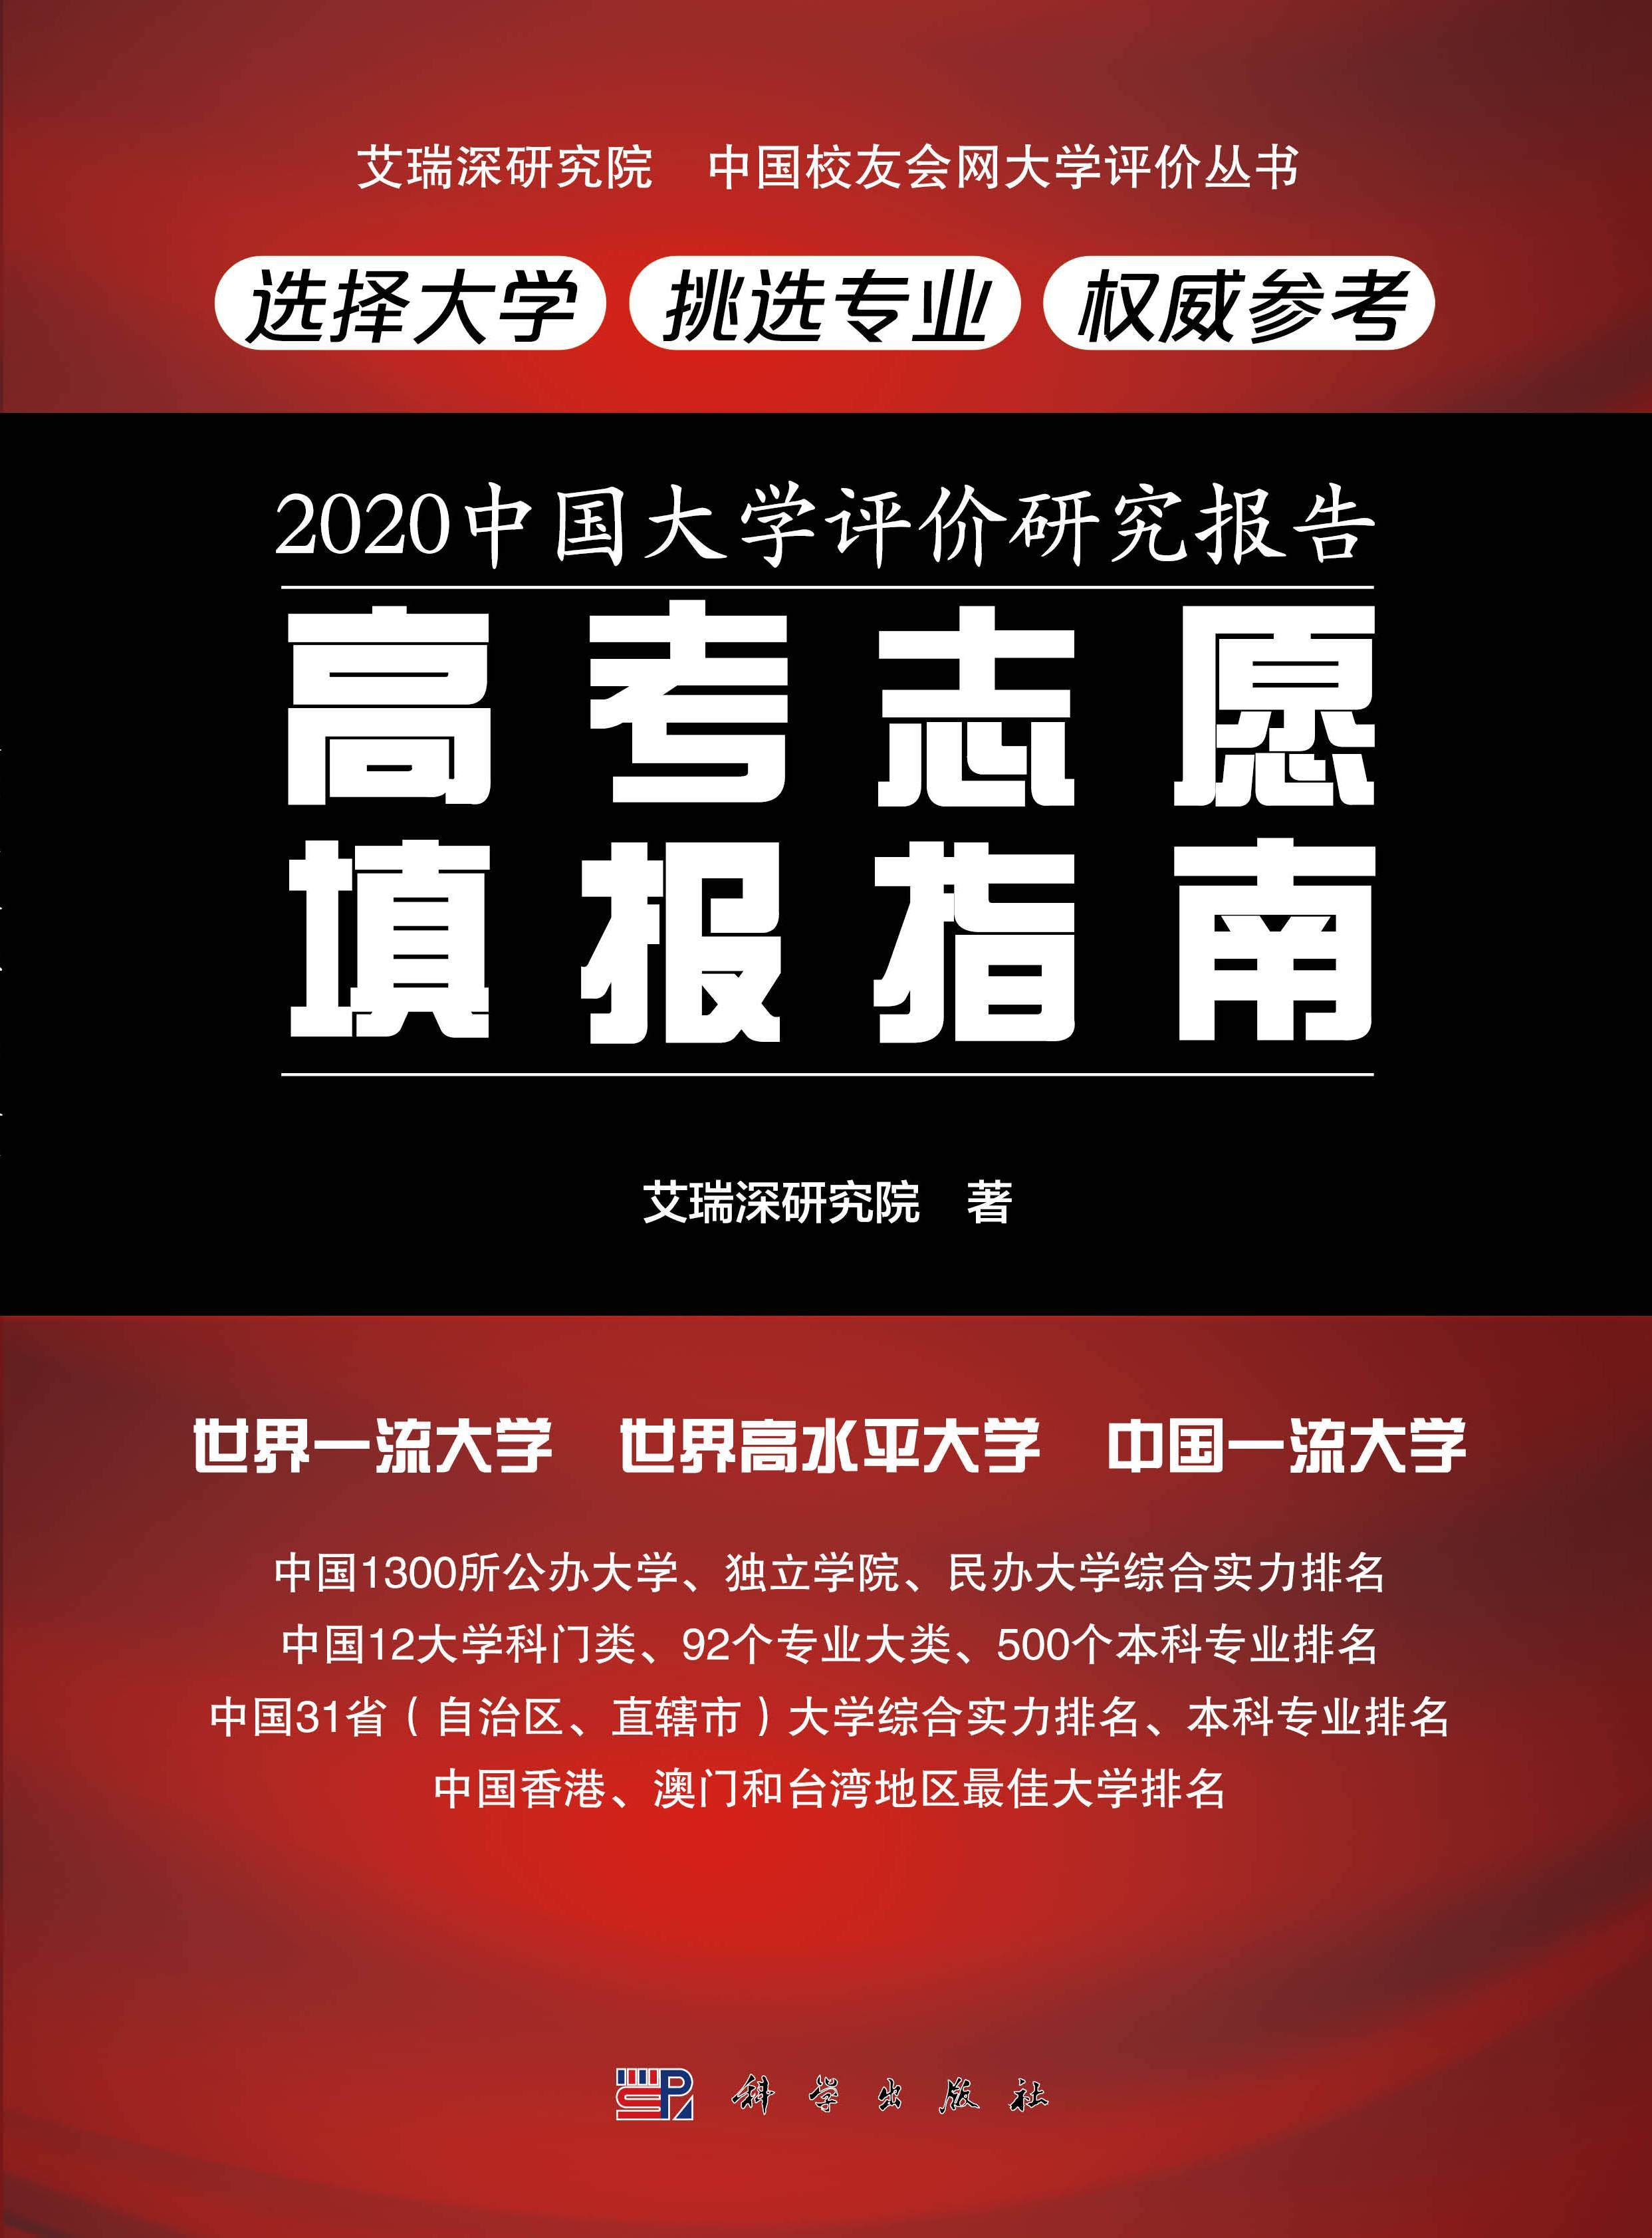 中国造富大学排行榜_2020中国大学亿万富豪校友排行榜,清华大学成中国造富摇篮_创新